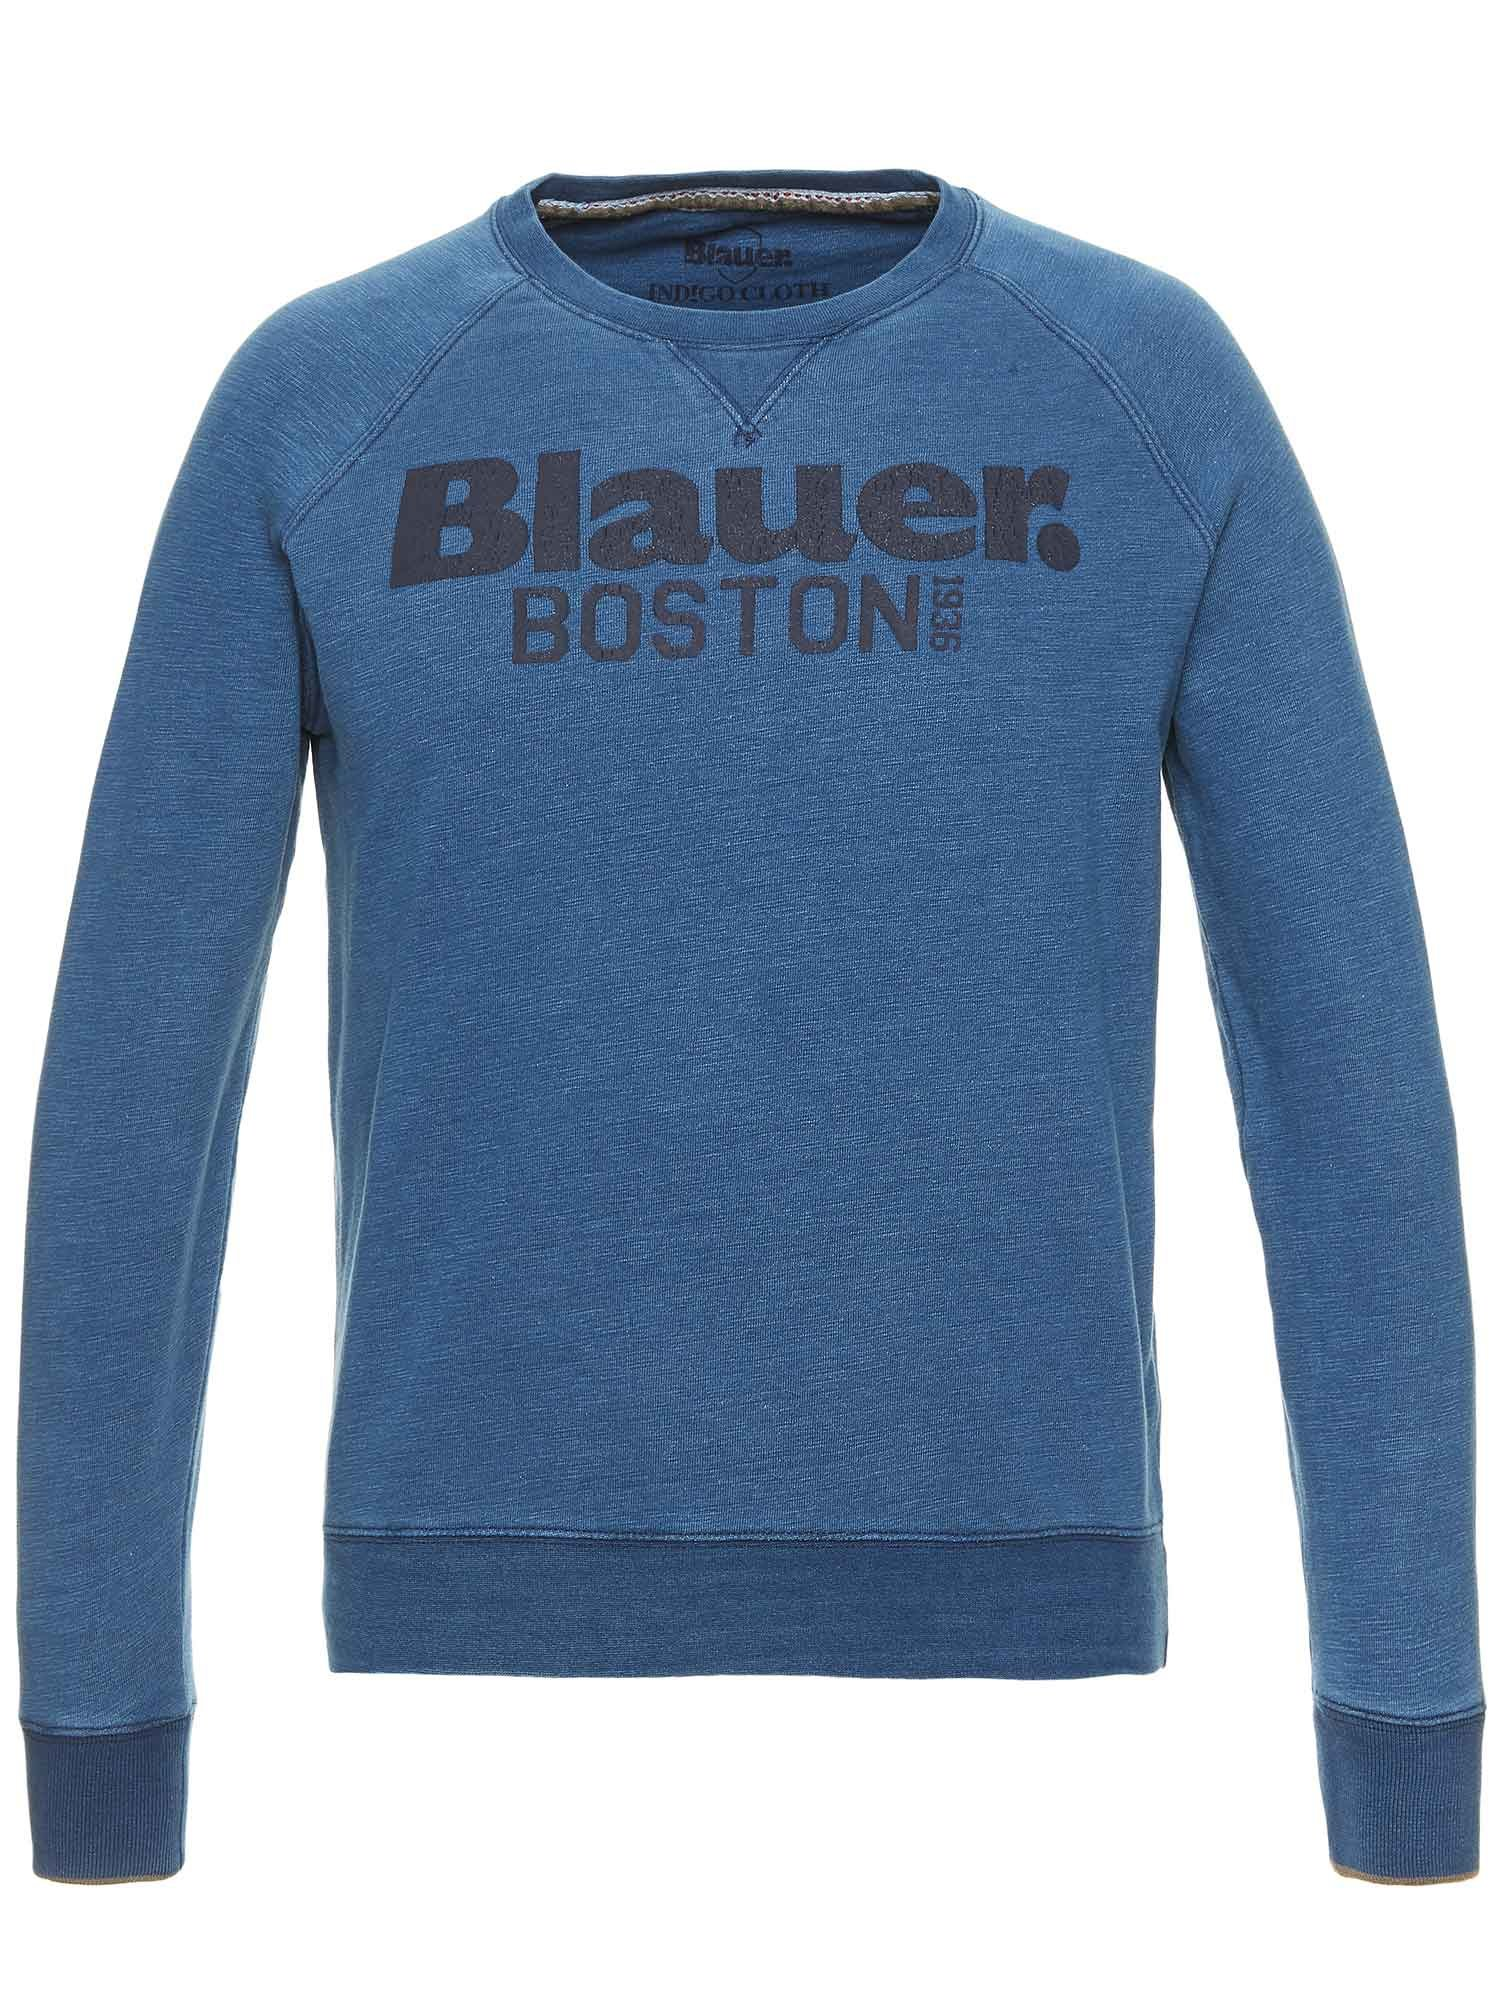 Blauer - FELPA GIROCOLLO BOSTON 1936 - Blu Tamigi - Blauer